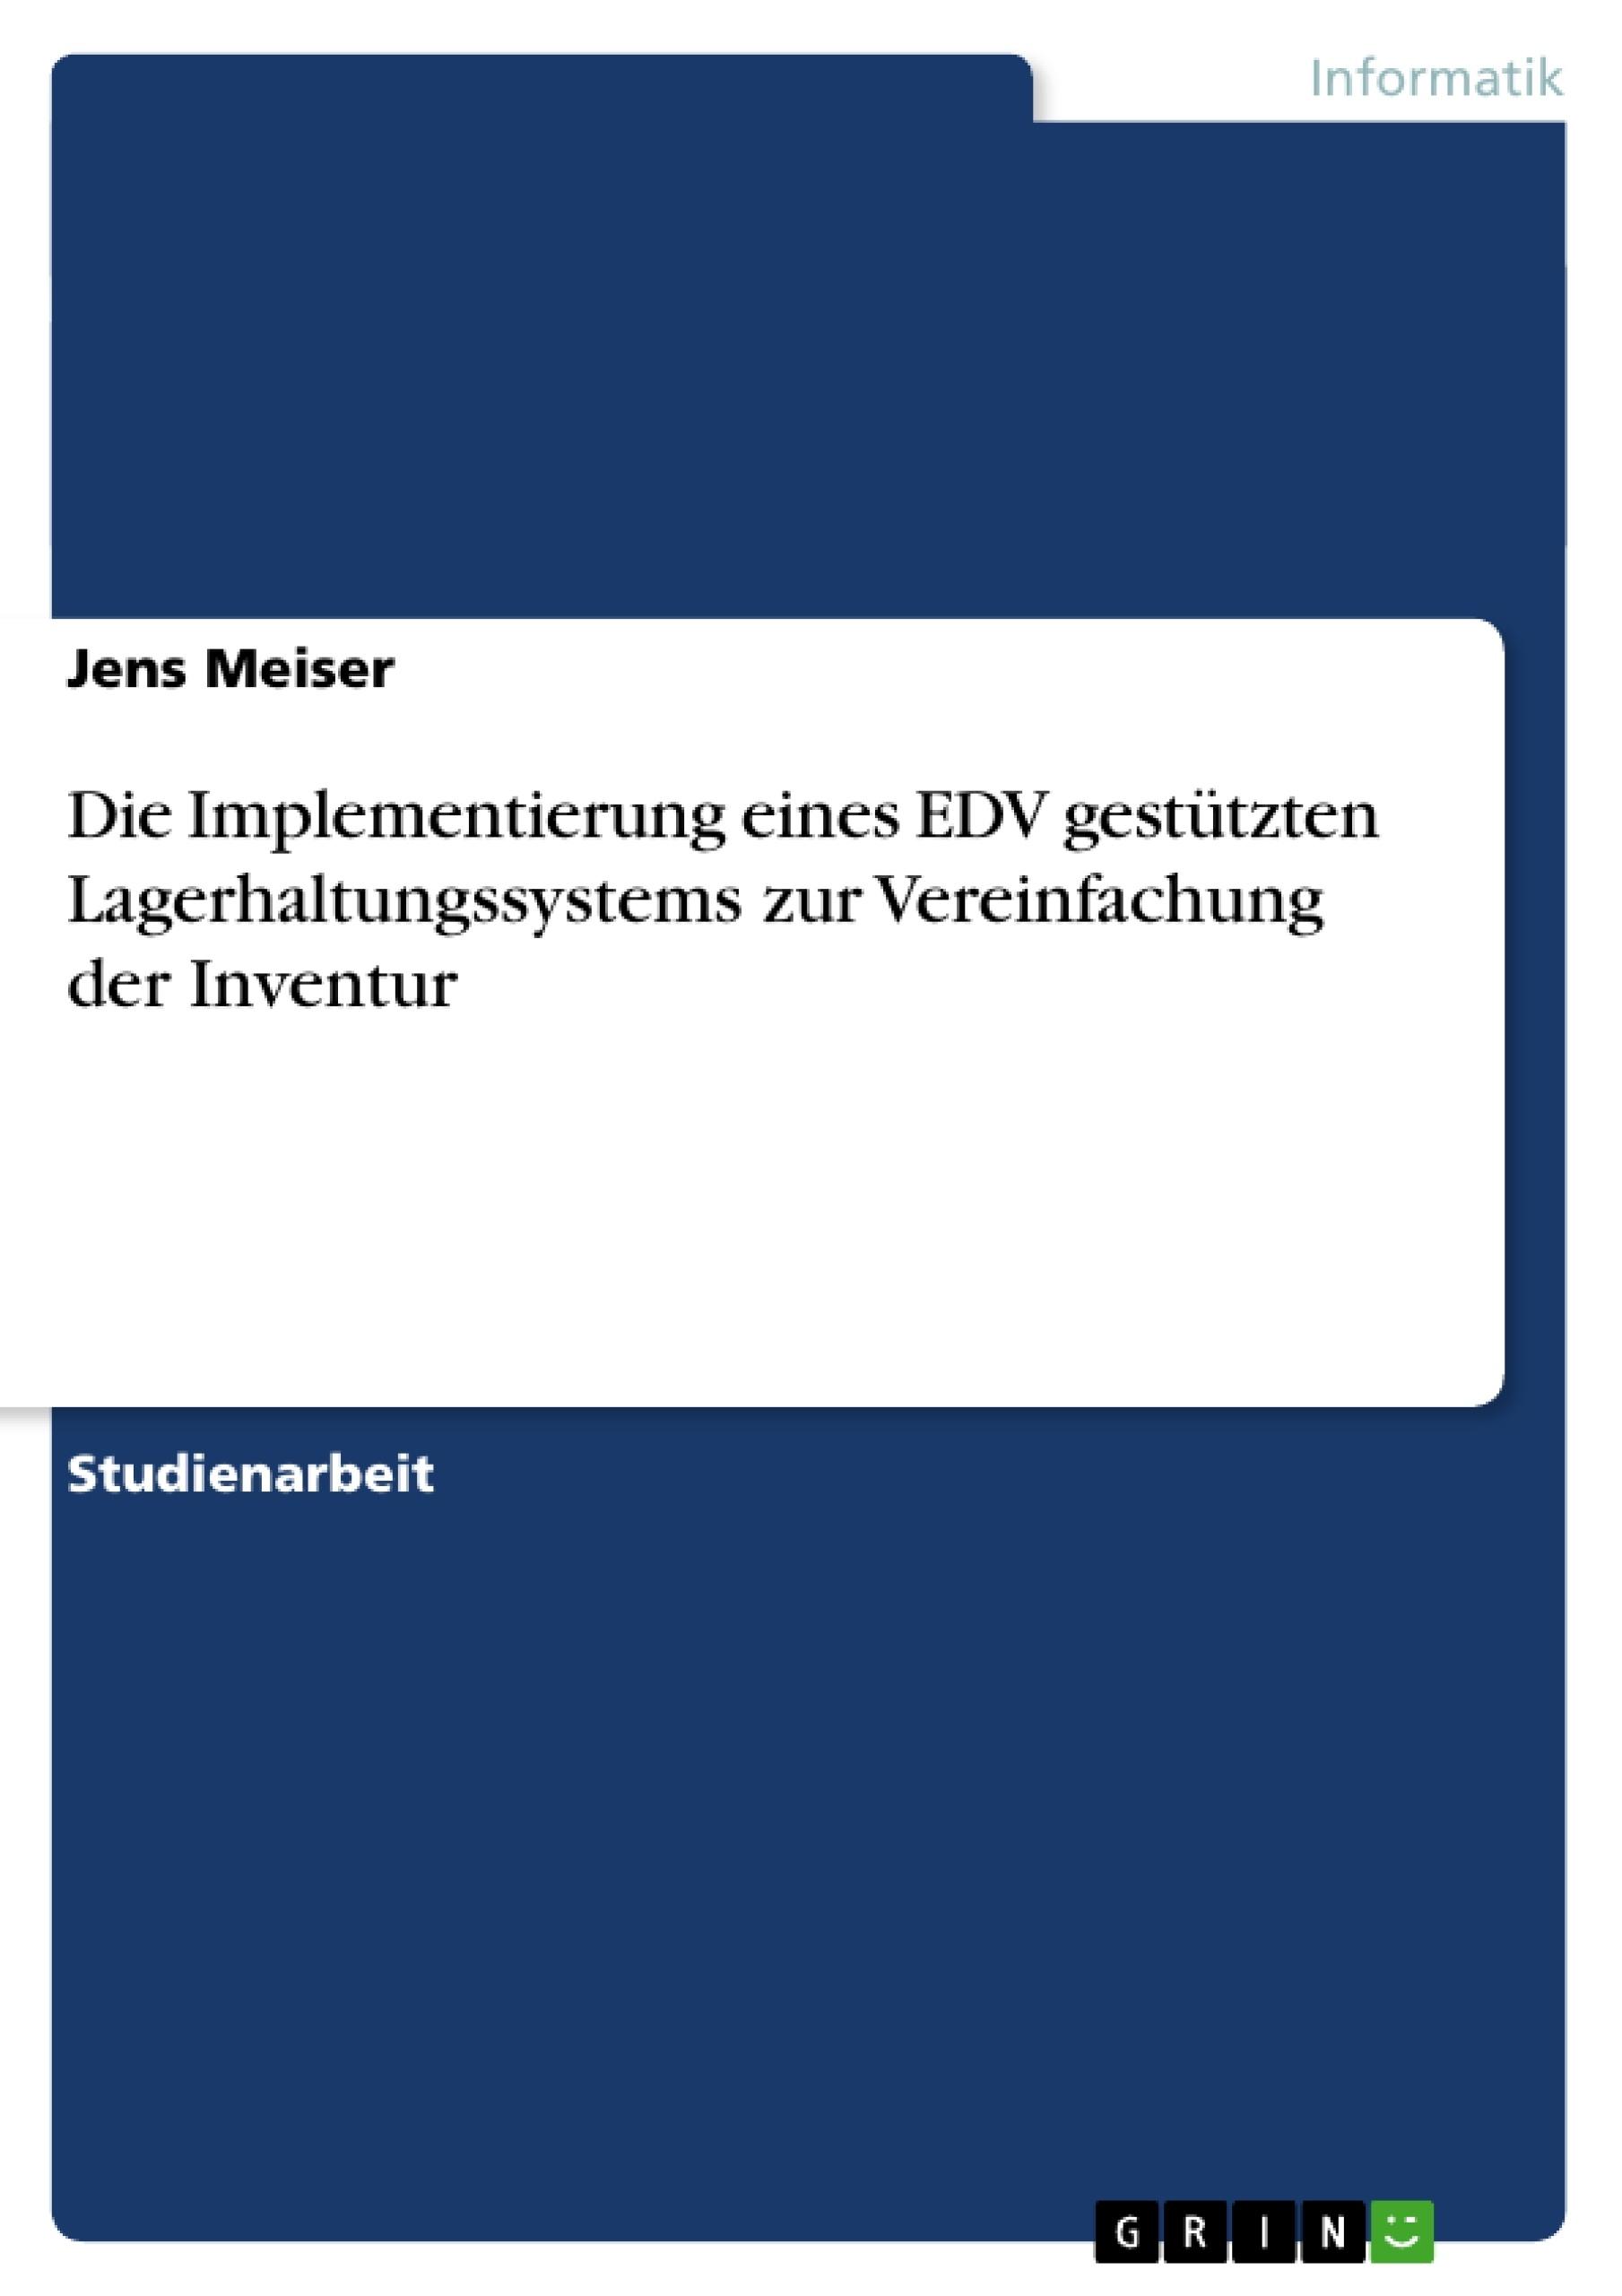 Titel: Die Implementierung eines EDV gestützten Lagerhaltungssystems zur Vereinfachung der Inventur